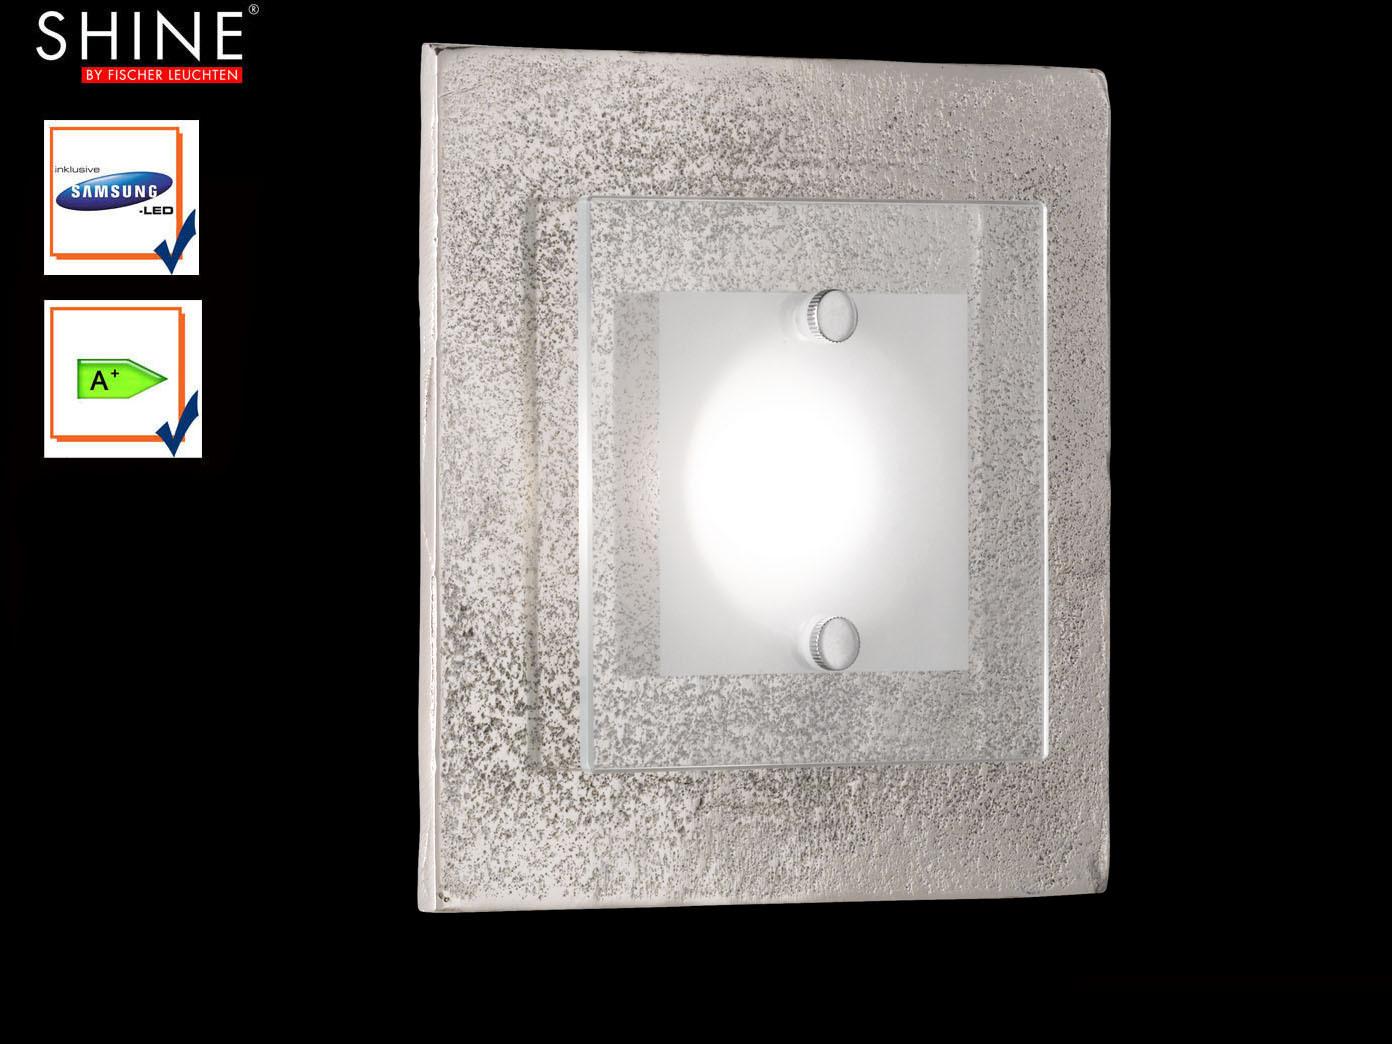 Fischer LED Wandleuchte SHINE-ALU Antik Wandlampe Schalter Glas weiß matt